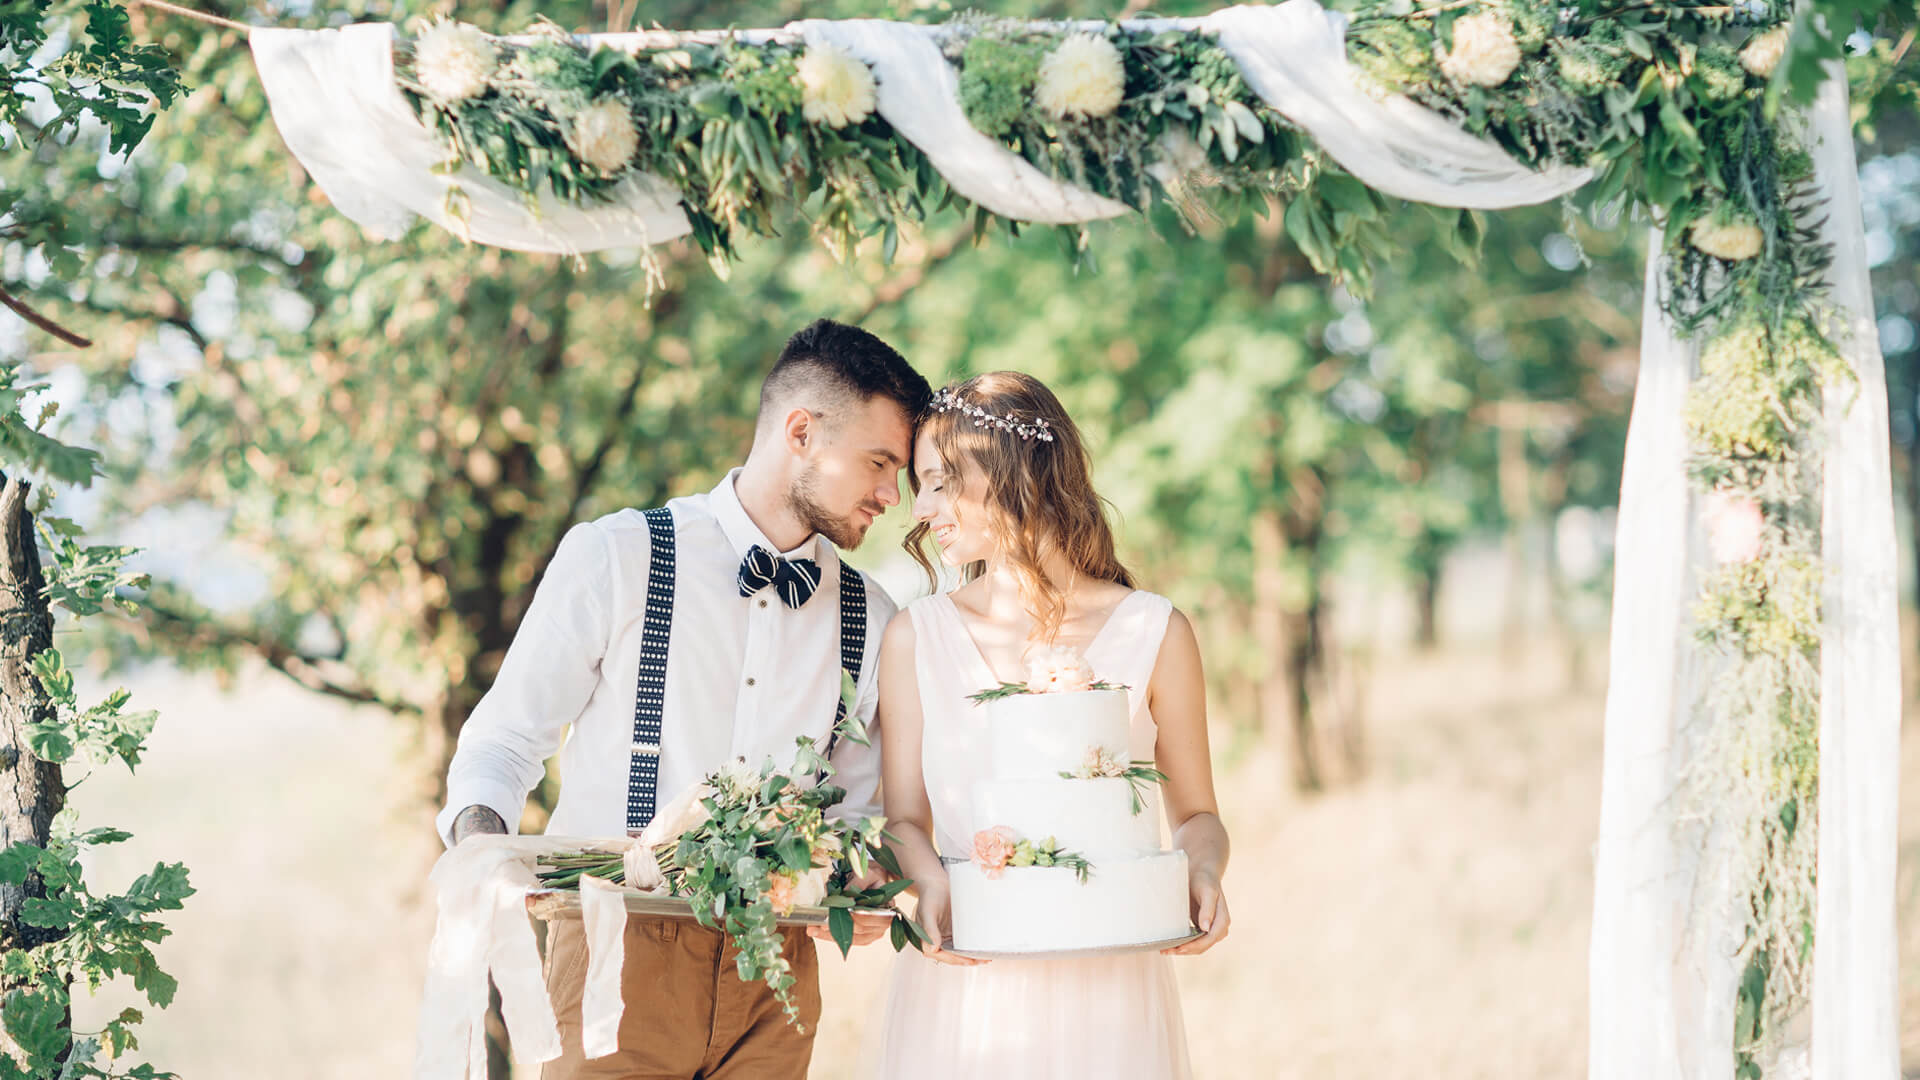 Matrimonio Simbolico Idee : Matrimonio simbolico e matrimonio civile yvaine eventi